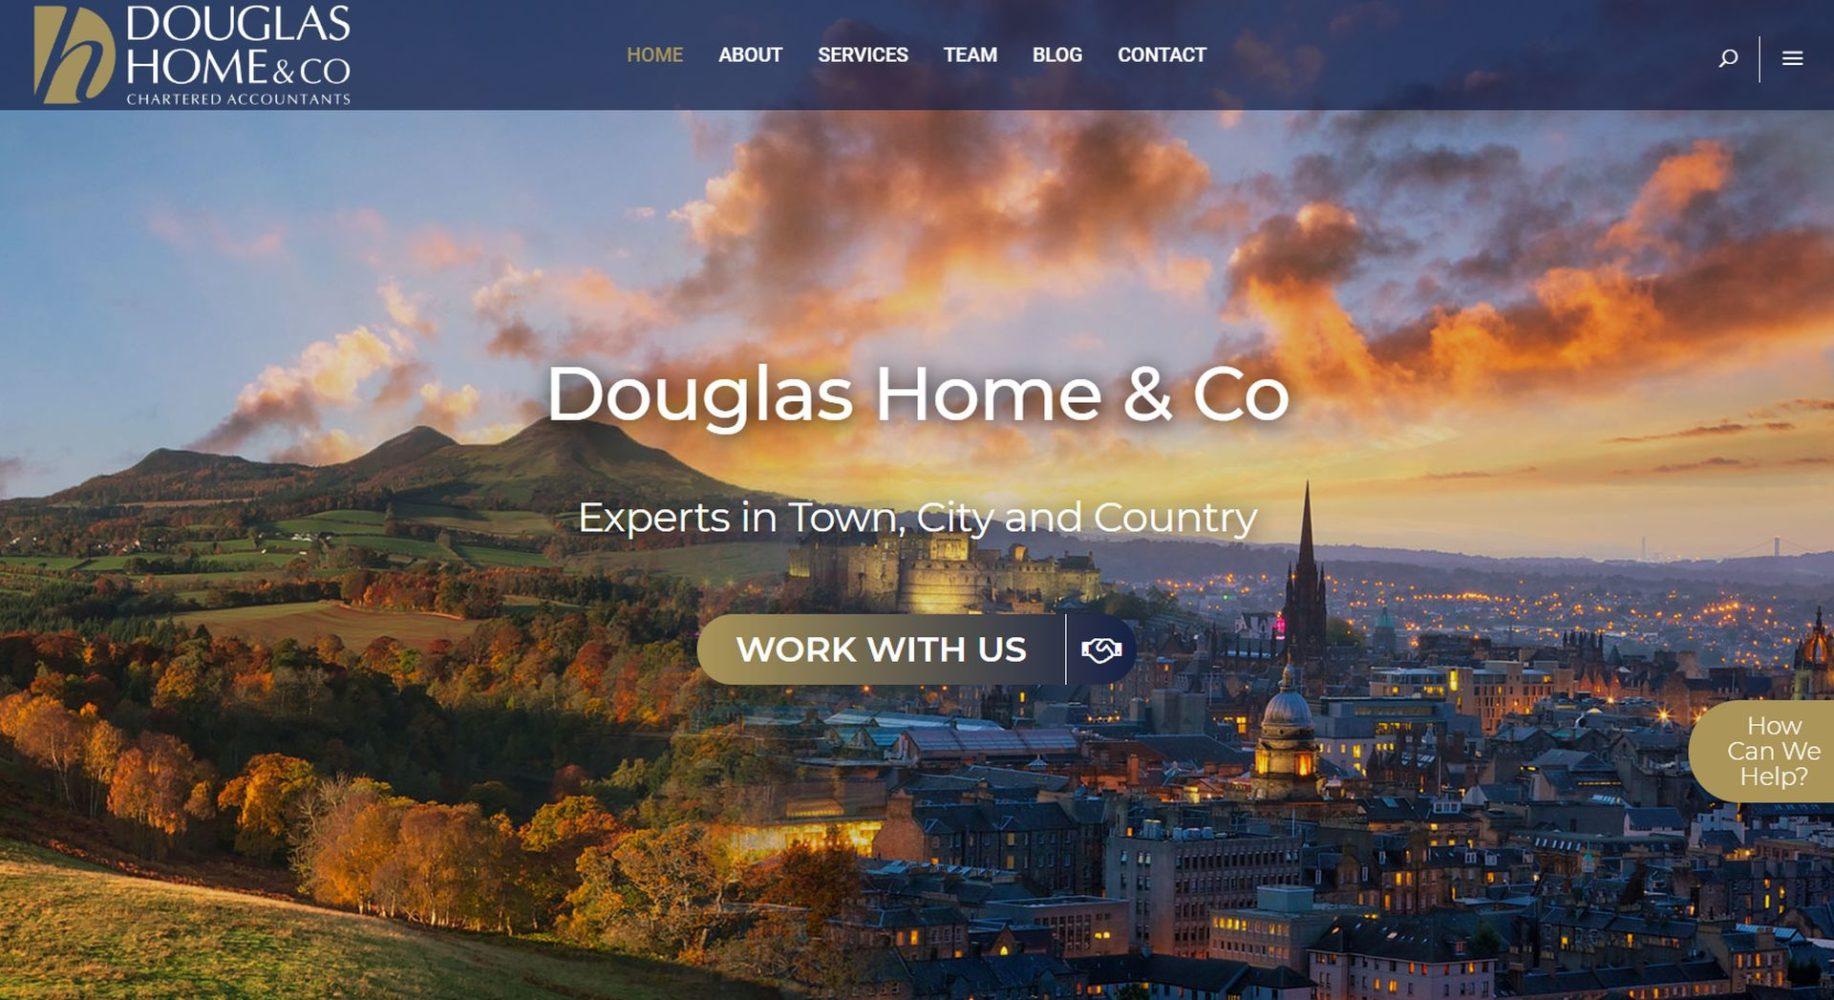 Douglas Home & Co Website Design